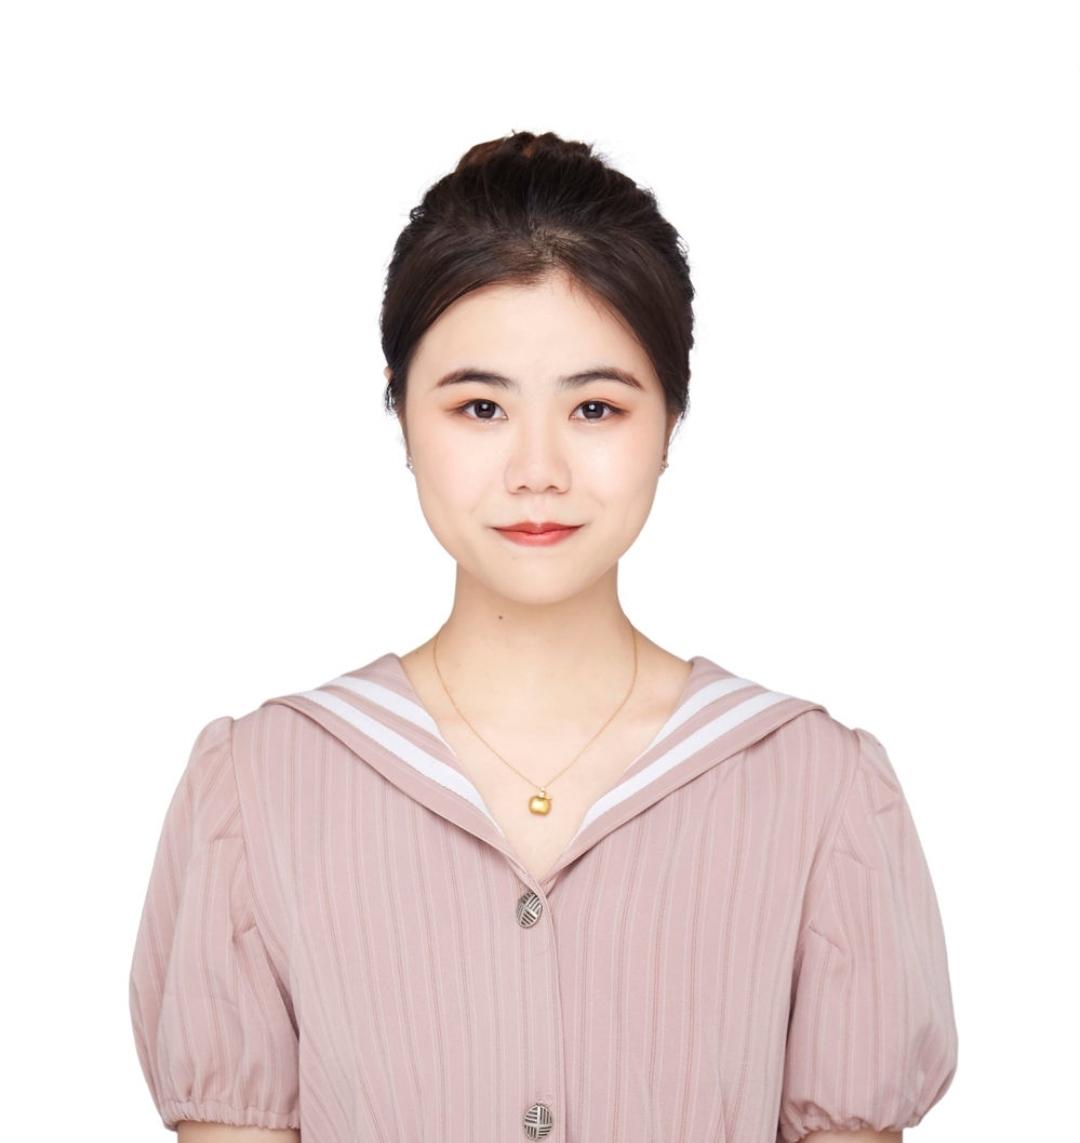 重庆家教苏教员